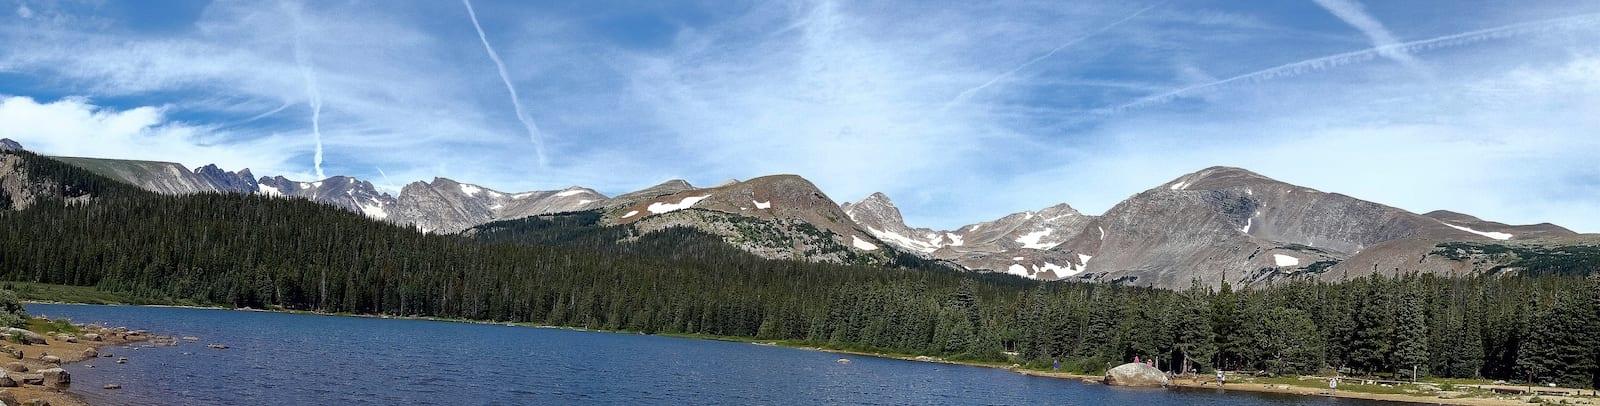 Indian Peaks behind Brainard Lake, CO